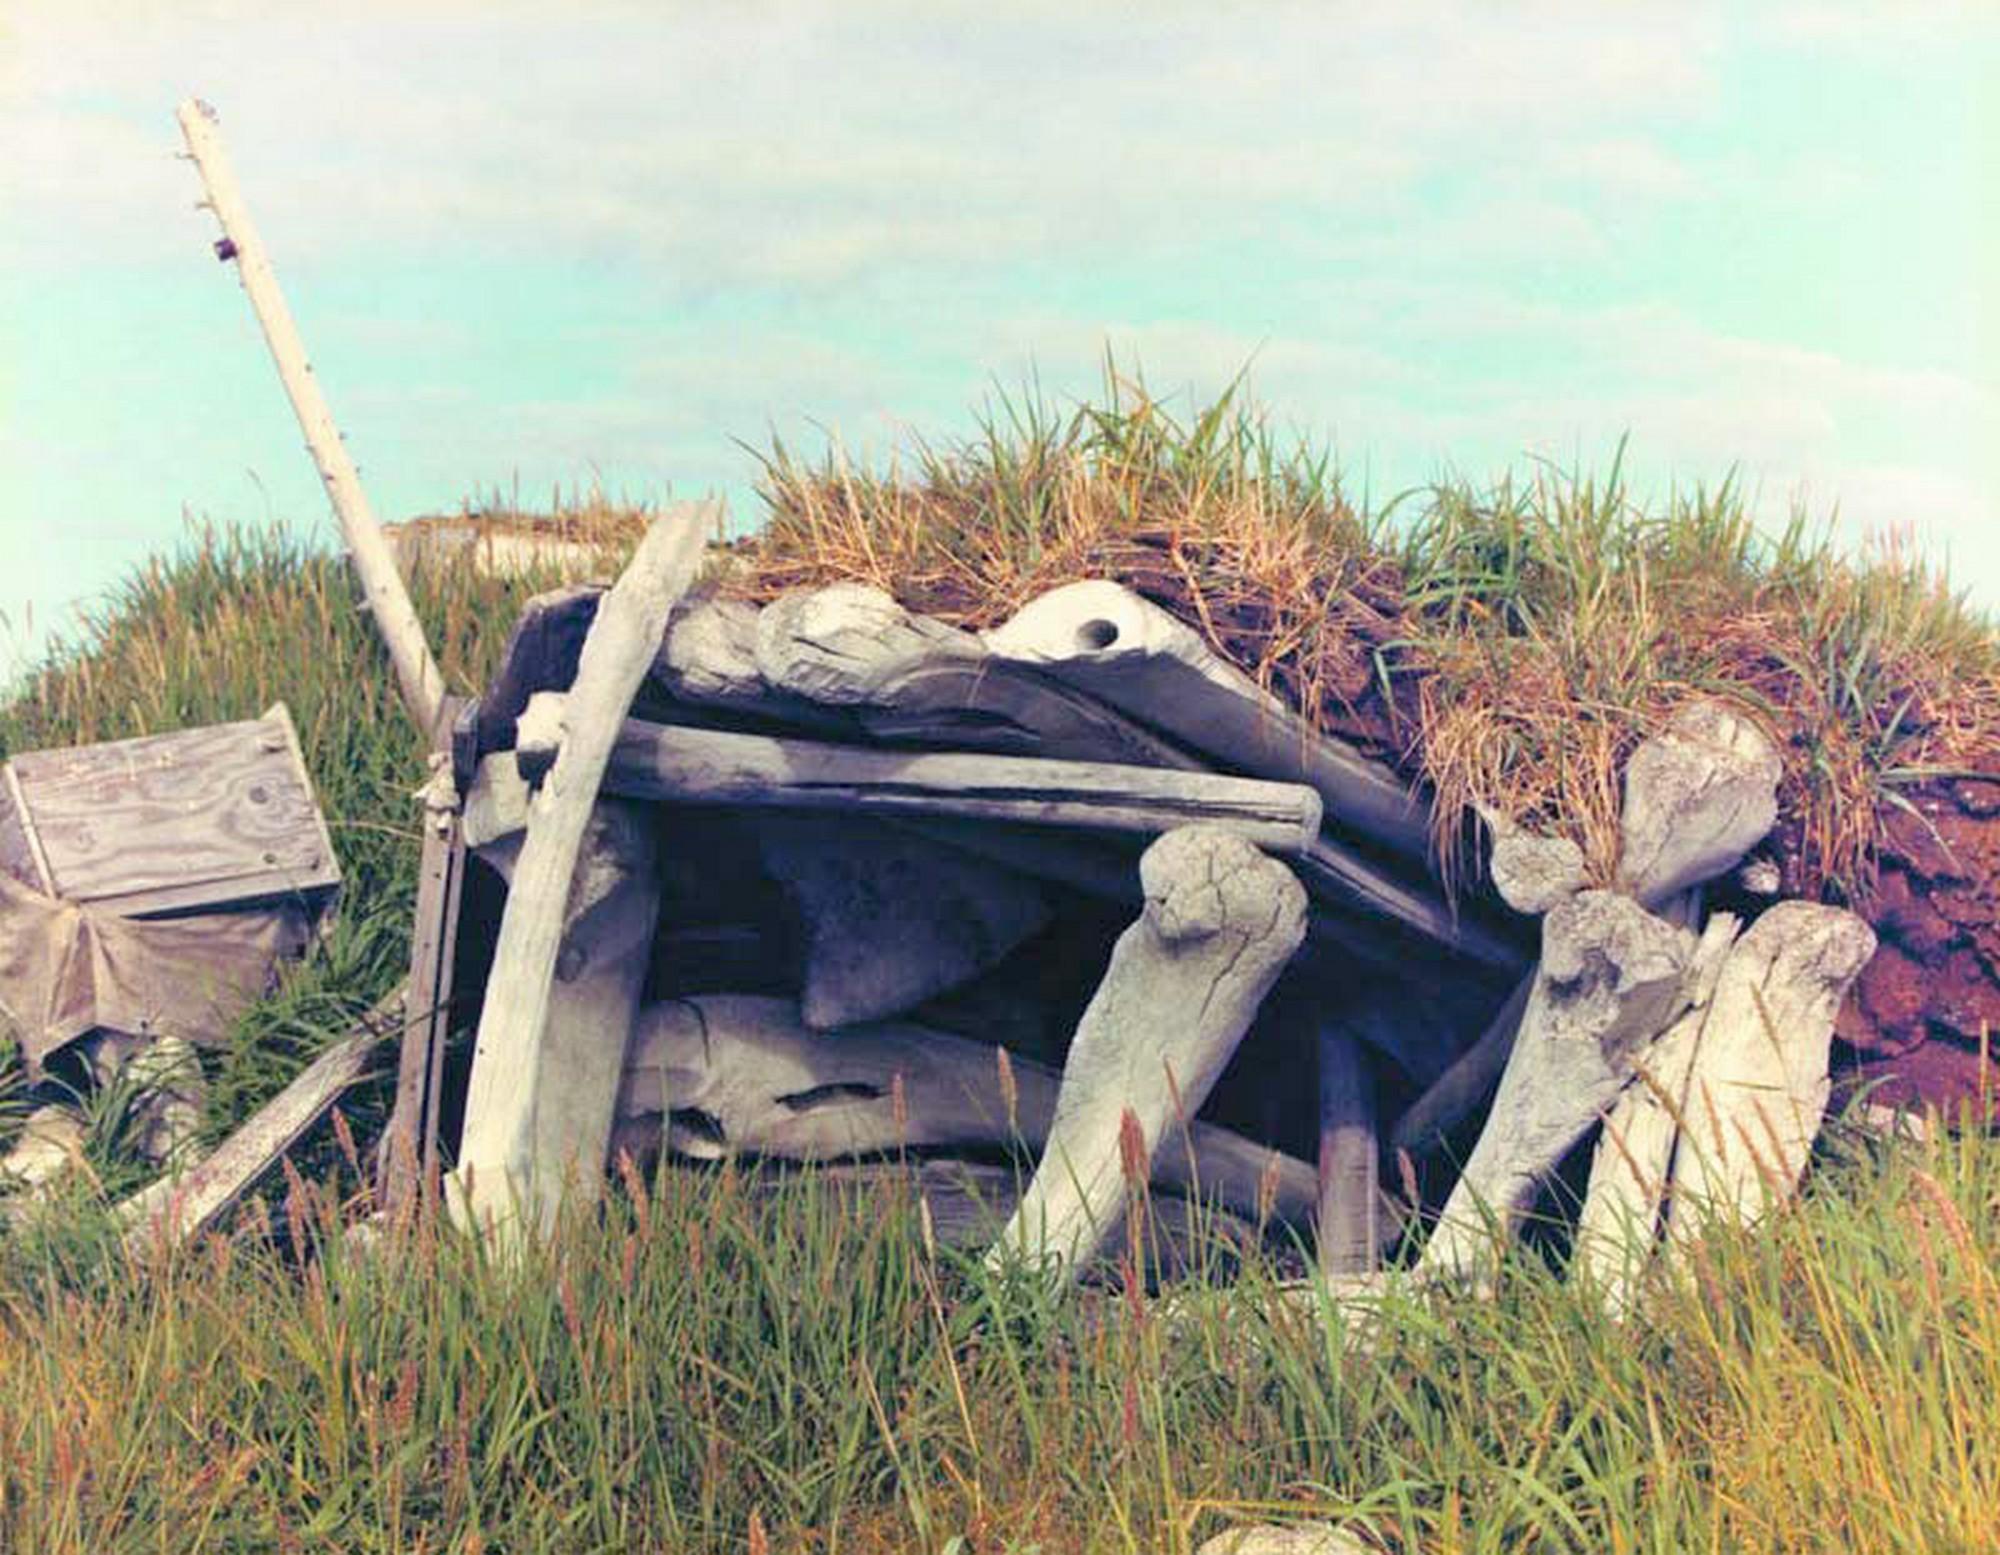 Хижина эскимосов из китовых костей и дёрна, Пойнт-Хоуп, Аляска. В этой хижине до того, как её покинули в 1975 году, было даже электричество (David J. Eves, openphotographyforums.com).